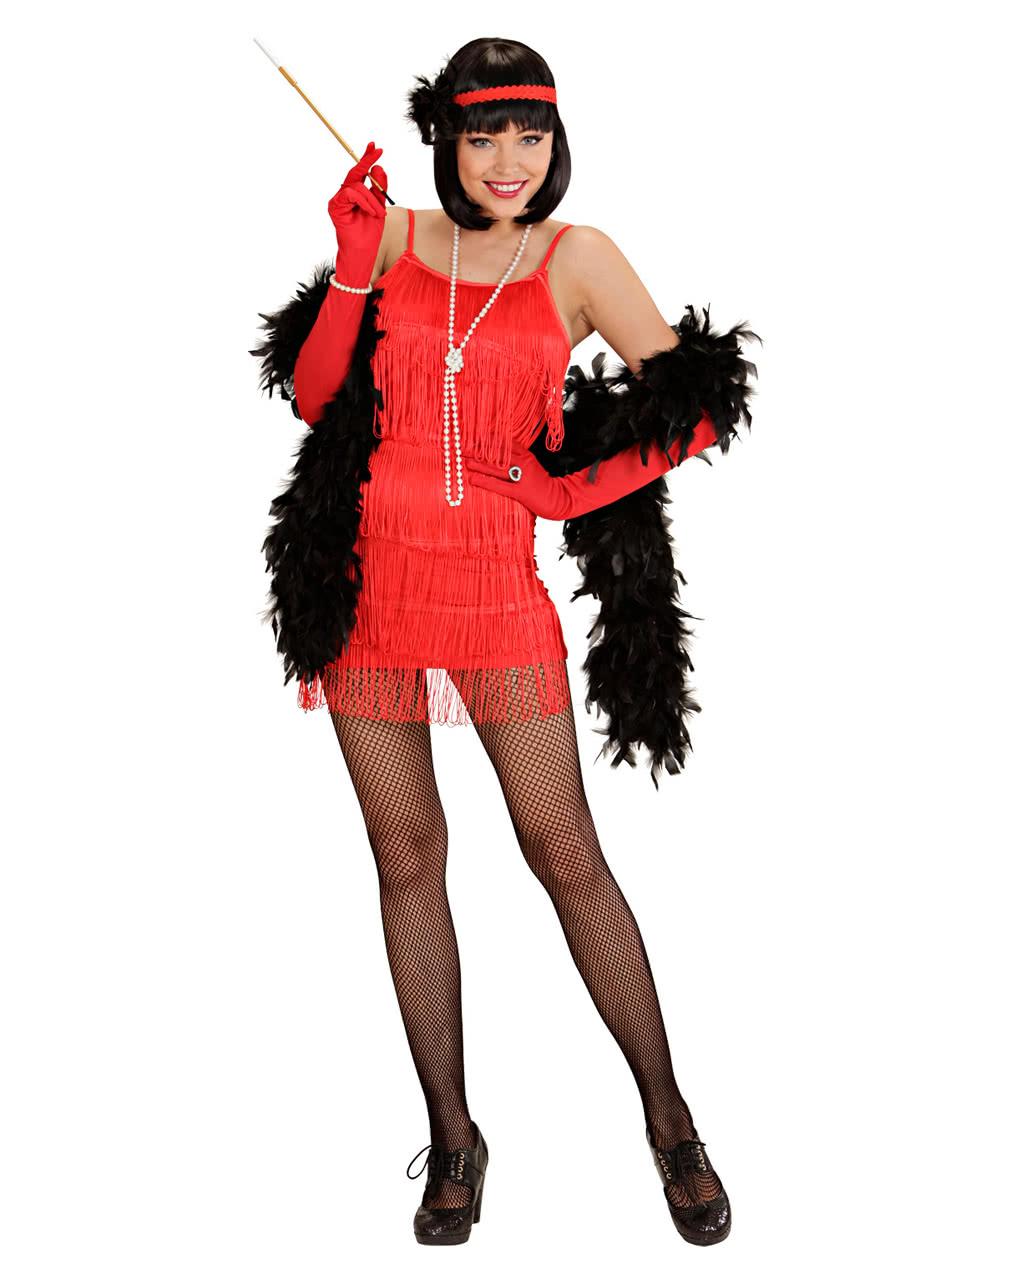 Charleston Kleid rot S 20er Jahre Kostüm Flapper Frauenkostüm ...